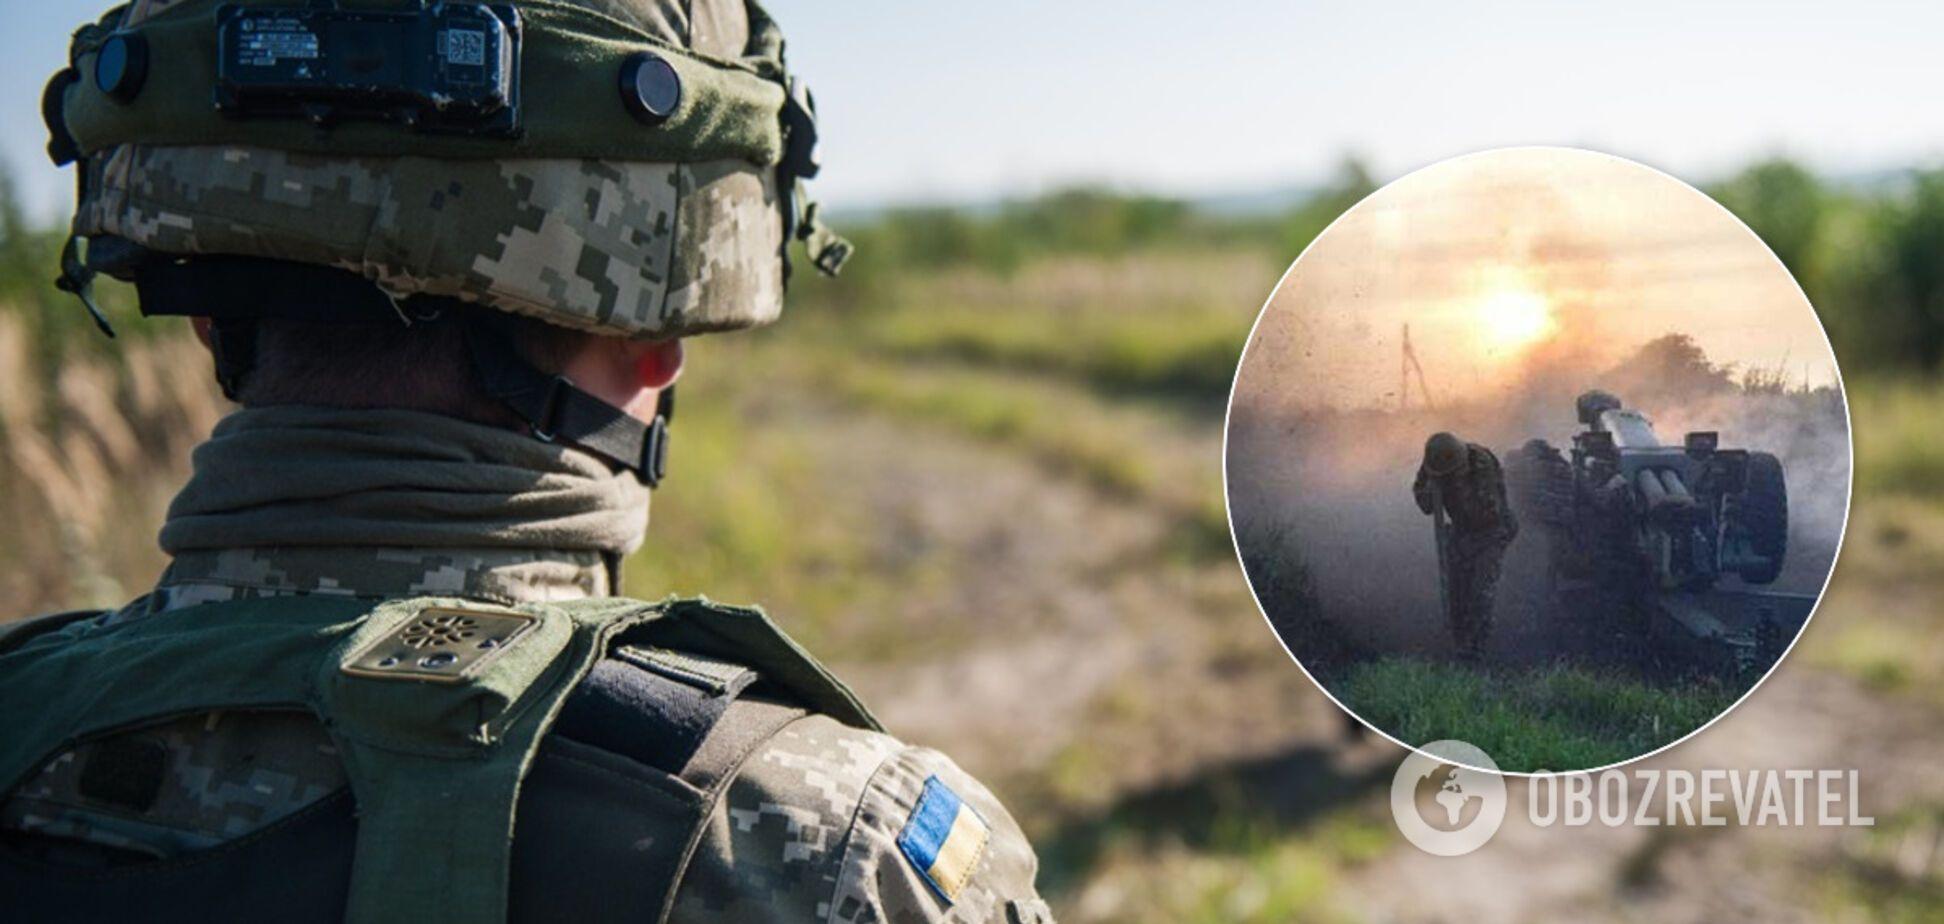 Війська Росії пішли в атаку на ЗСУ на Донбасі й поплатилися: деталі боїв